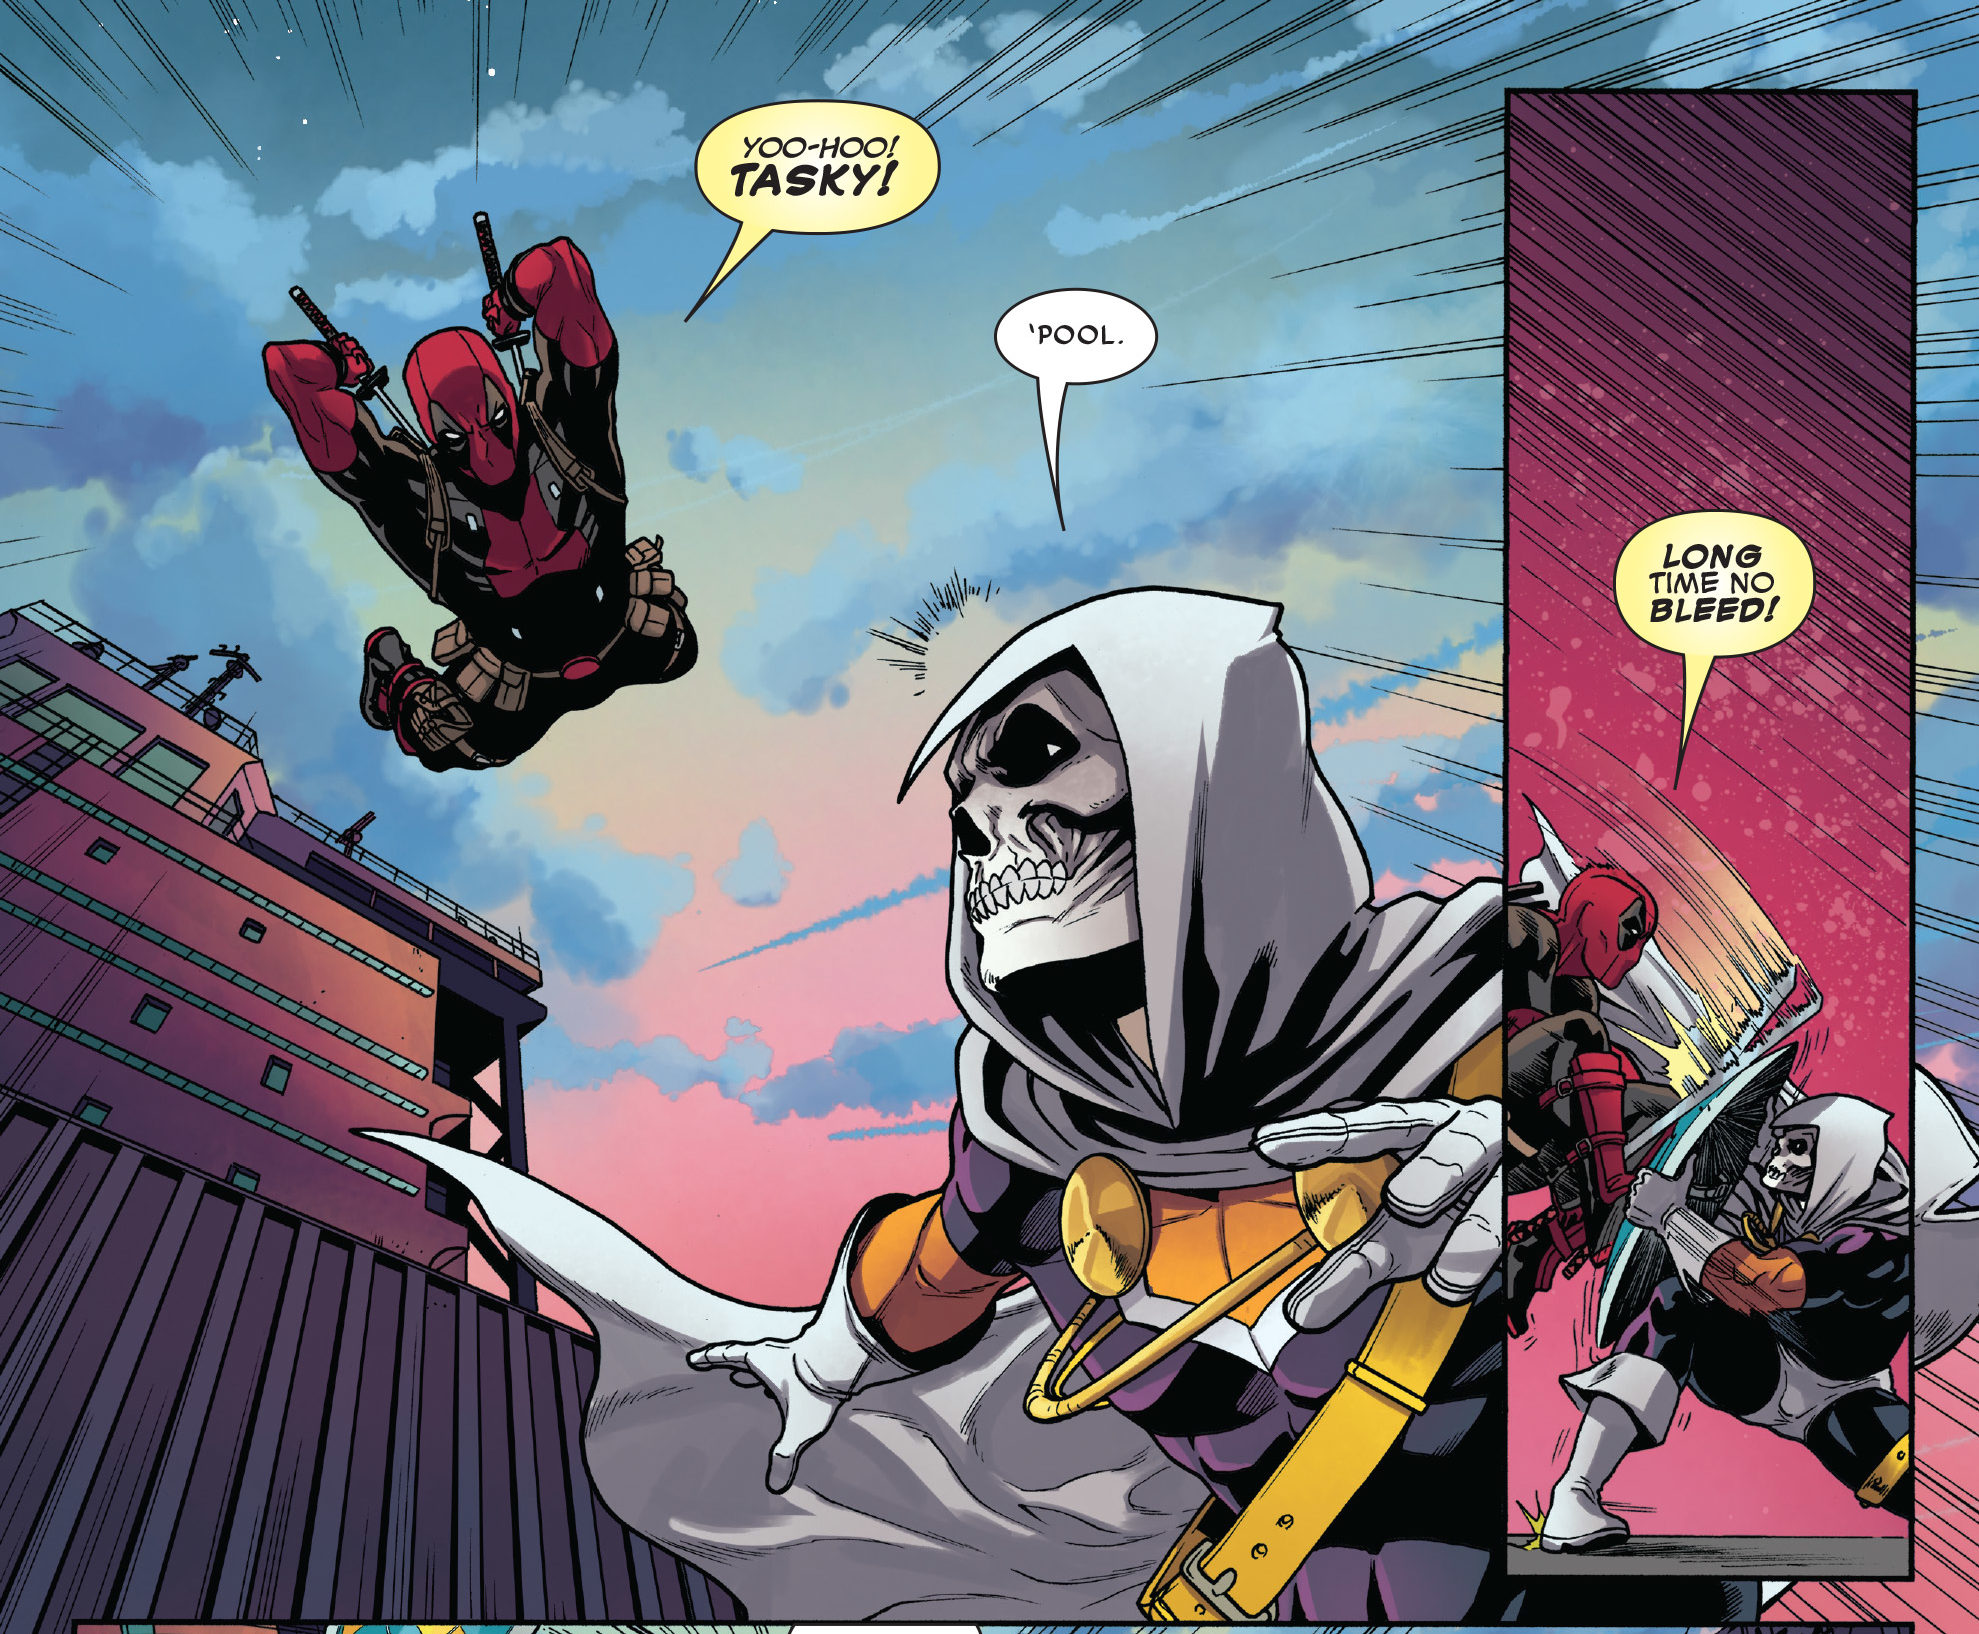 Képregényoldal rajta Deadpoollal, akik megtámadja a Kiképzőt